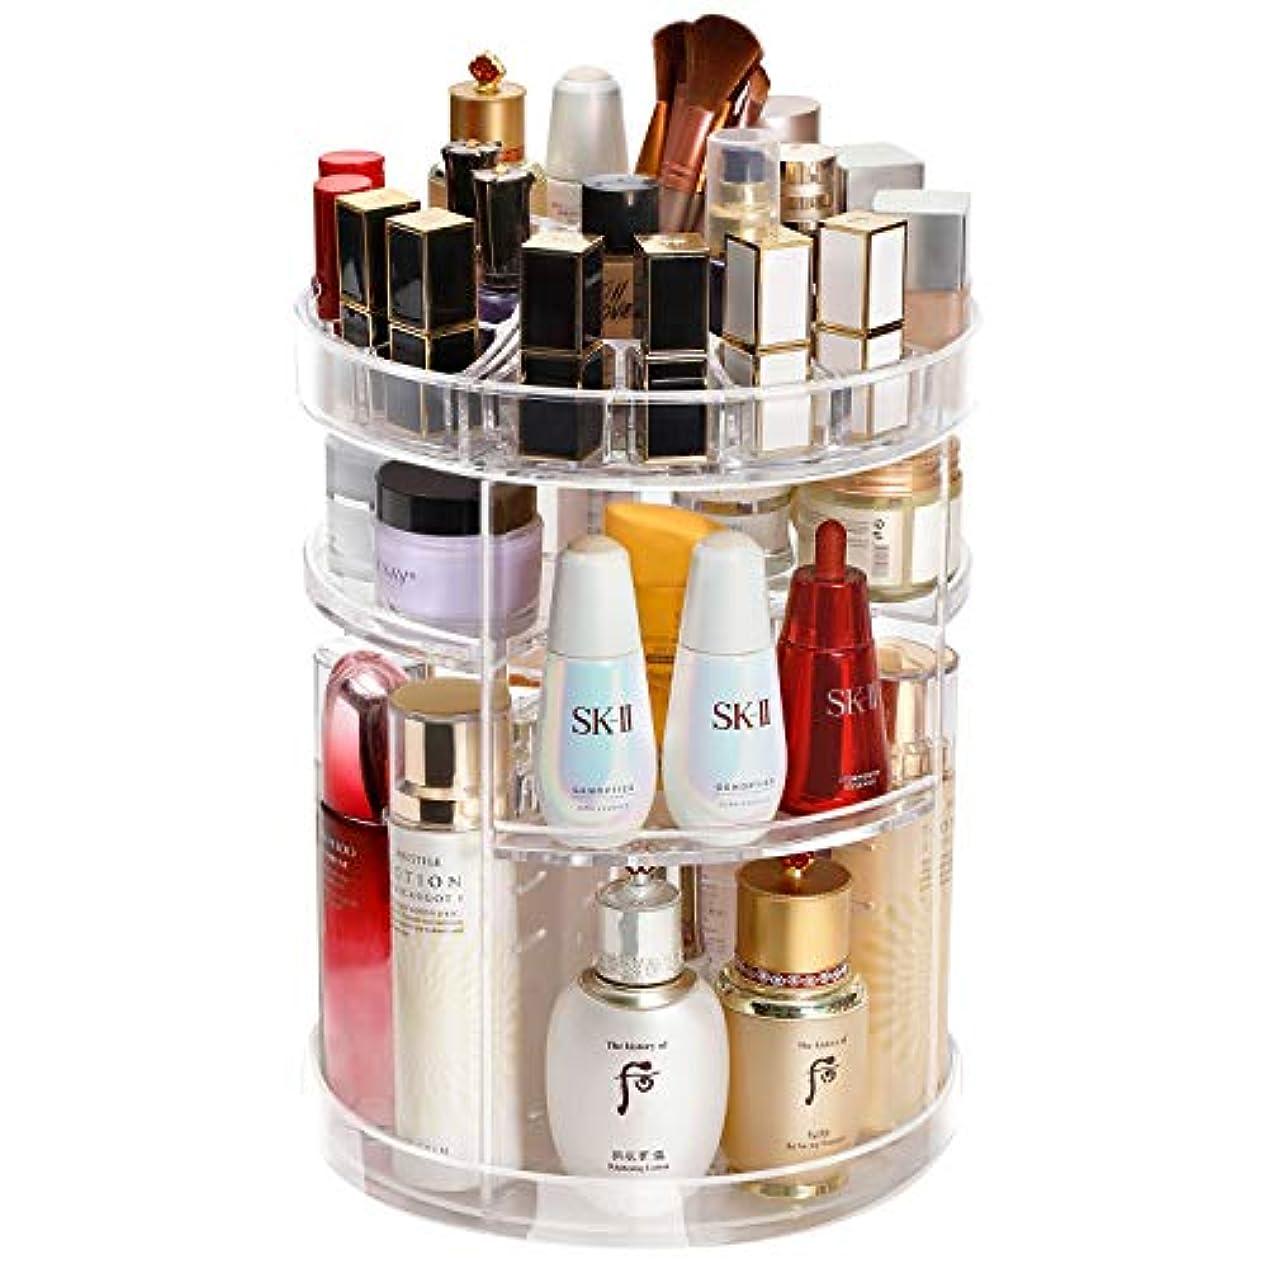 上昇スリーブ本質的ではない化粧品収納ボックス 大容量 360°回転可能 収納ボックス 耐久性 透明 口紅 コスメ 小物収納 アクリルケース